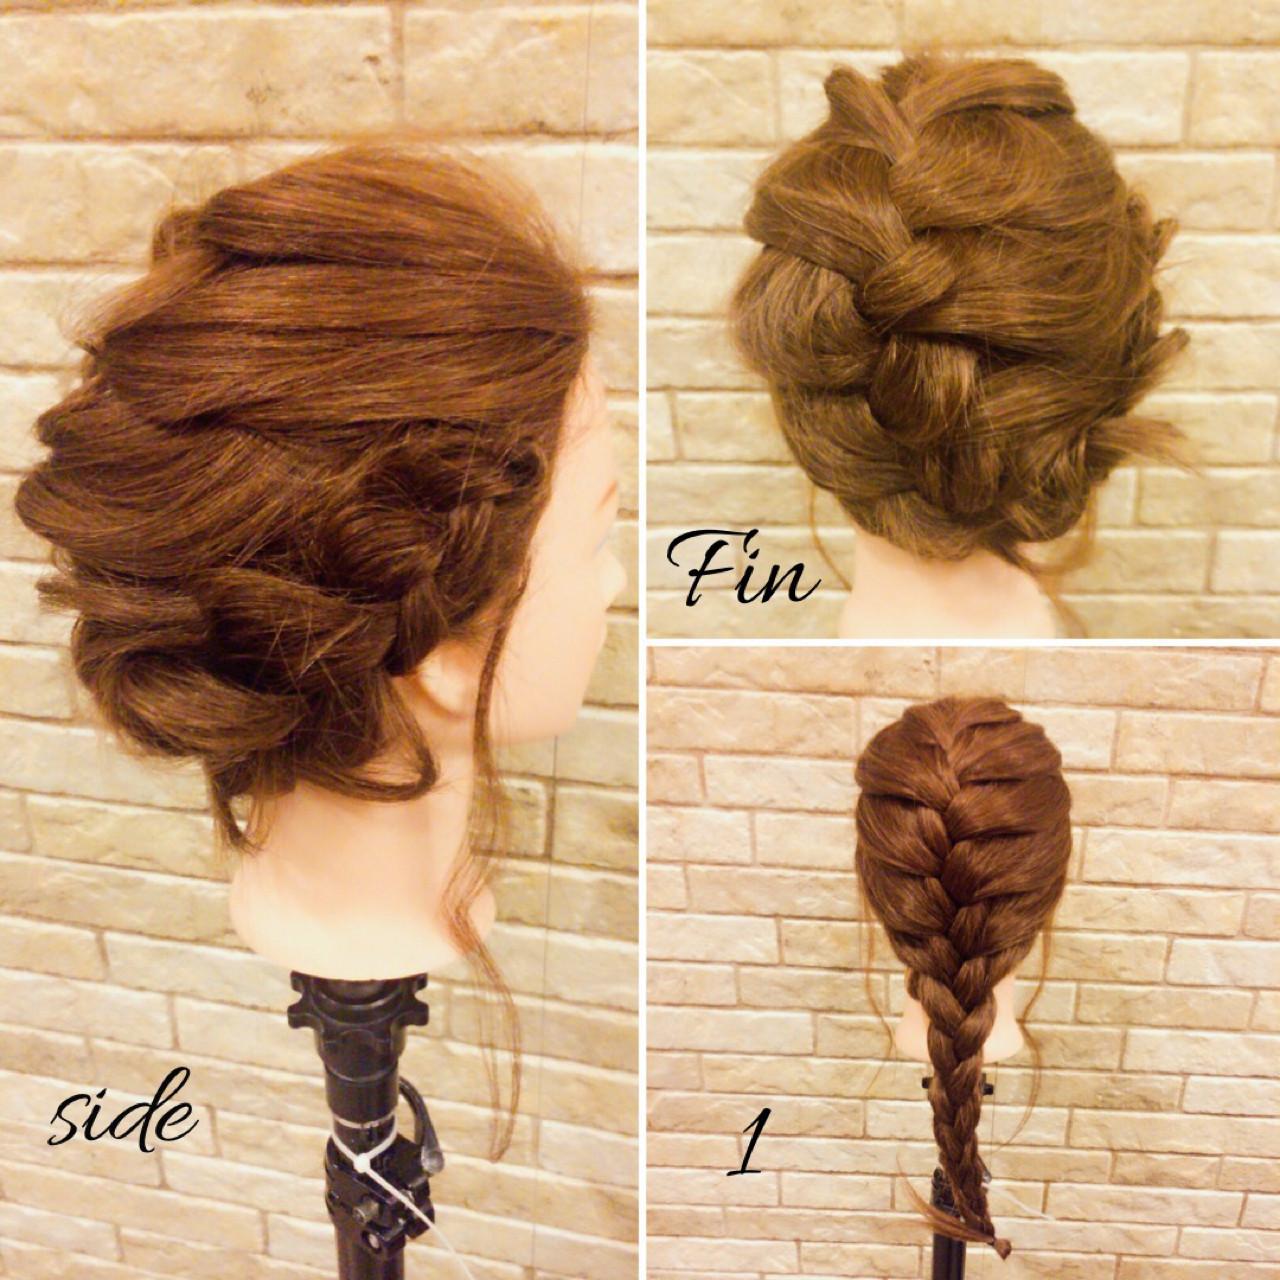 ヘアアレンジ 編み込み フェミニン ナチュラル ヘアスタイルや髪型の写真・画像